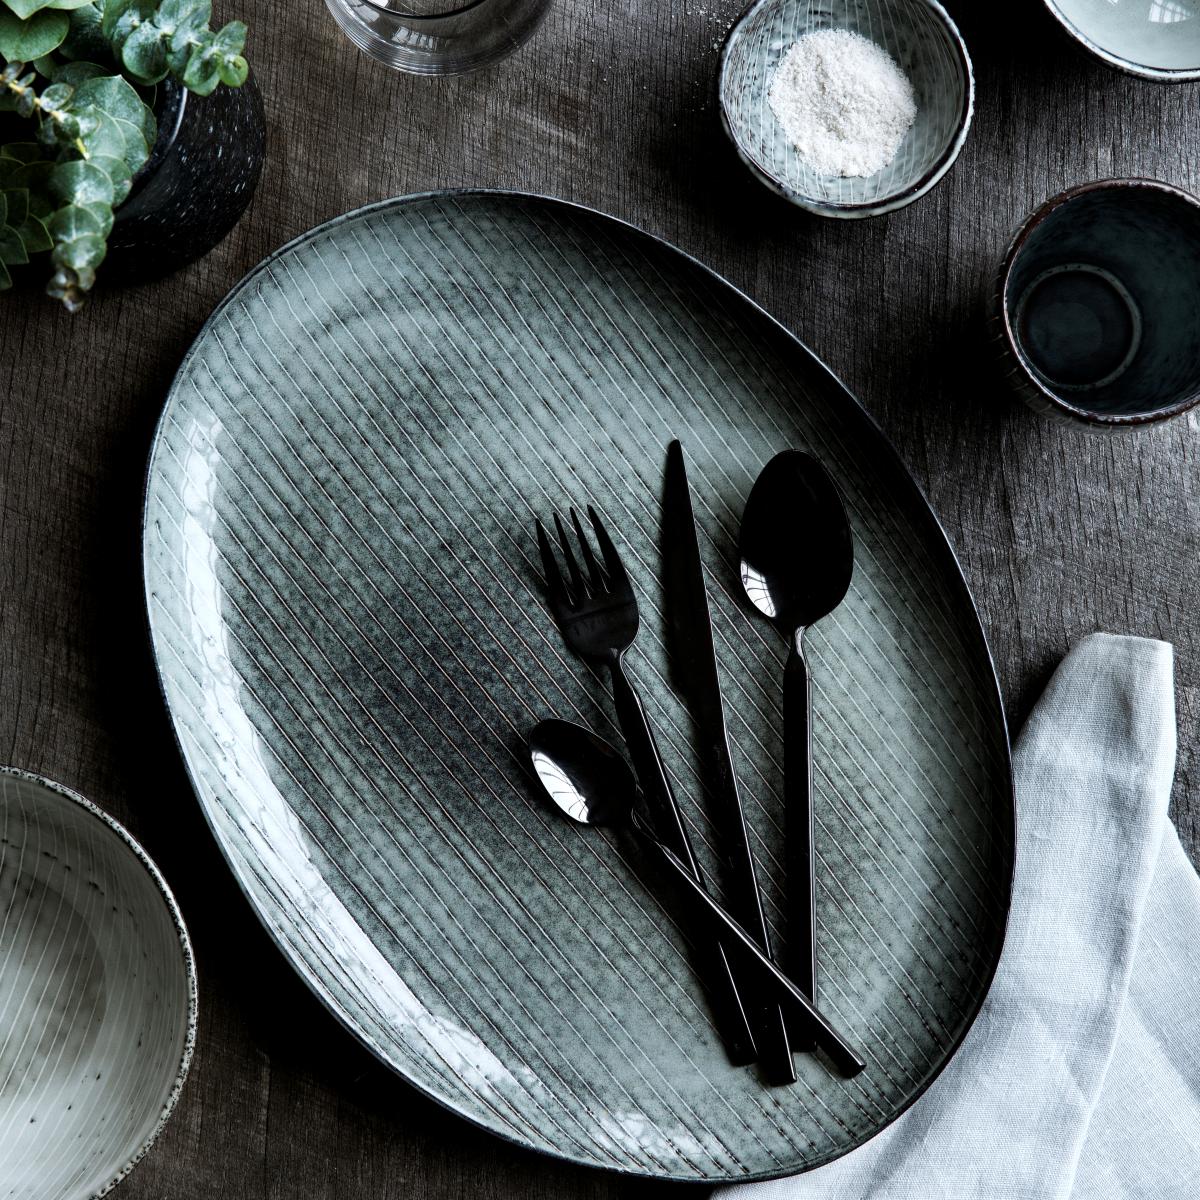 зависимости как фотографировать светоотражающую посуду лучше выбирать